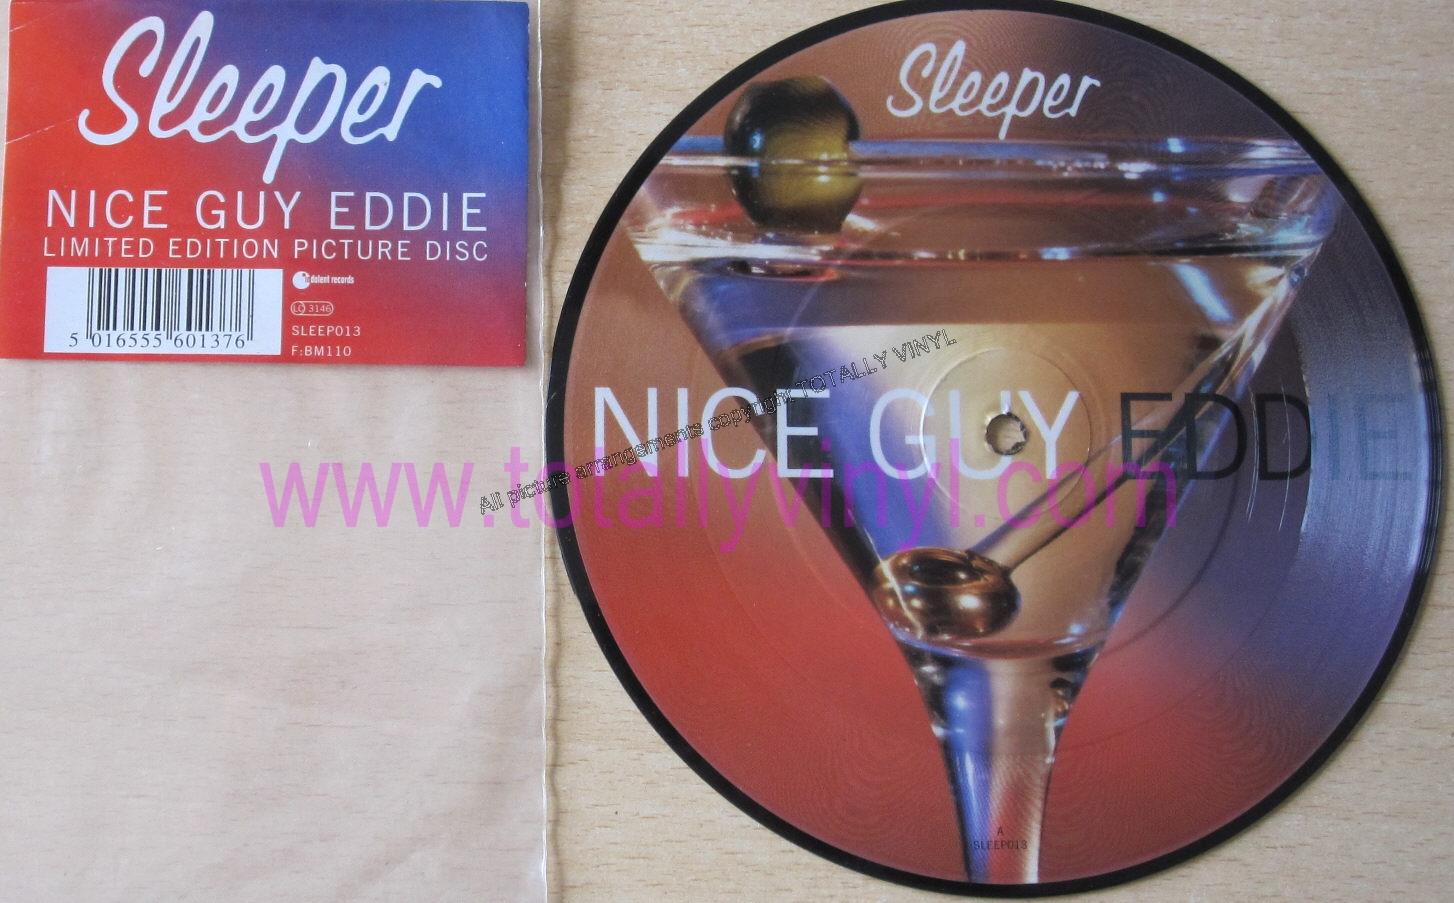 Sleeper nice guy eddie mp3 download